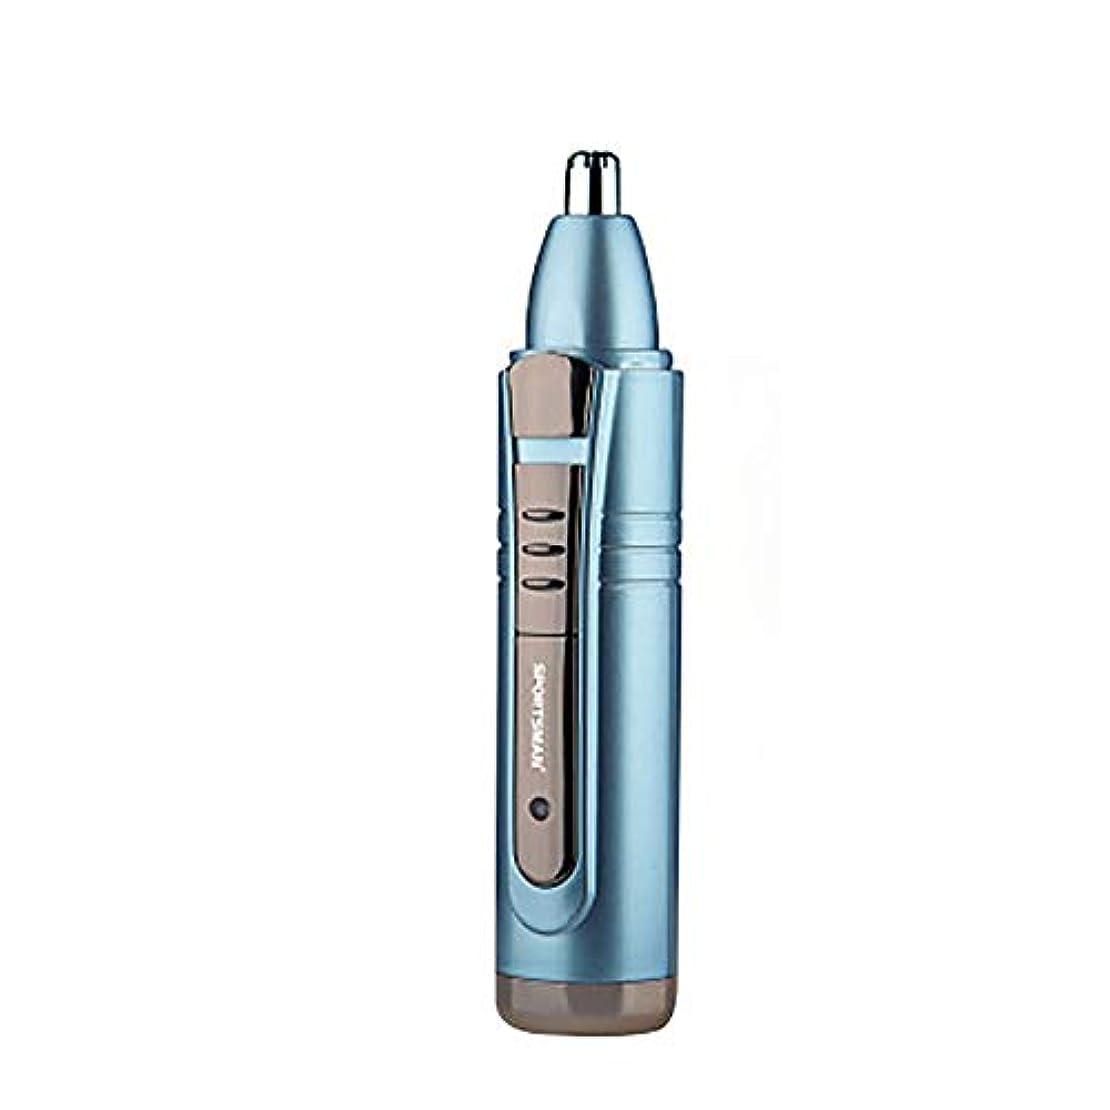 死傷者反対に呼吸電動鼻毛トリマー独自の切断システムにより、旅行中に鼻から余分な毛髪を効果的かつ快適に除去します。